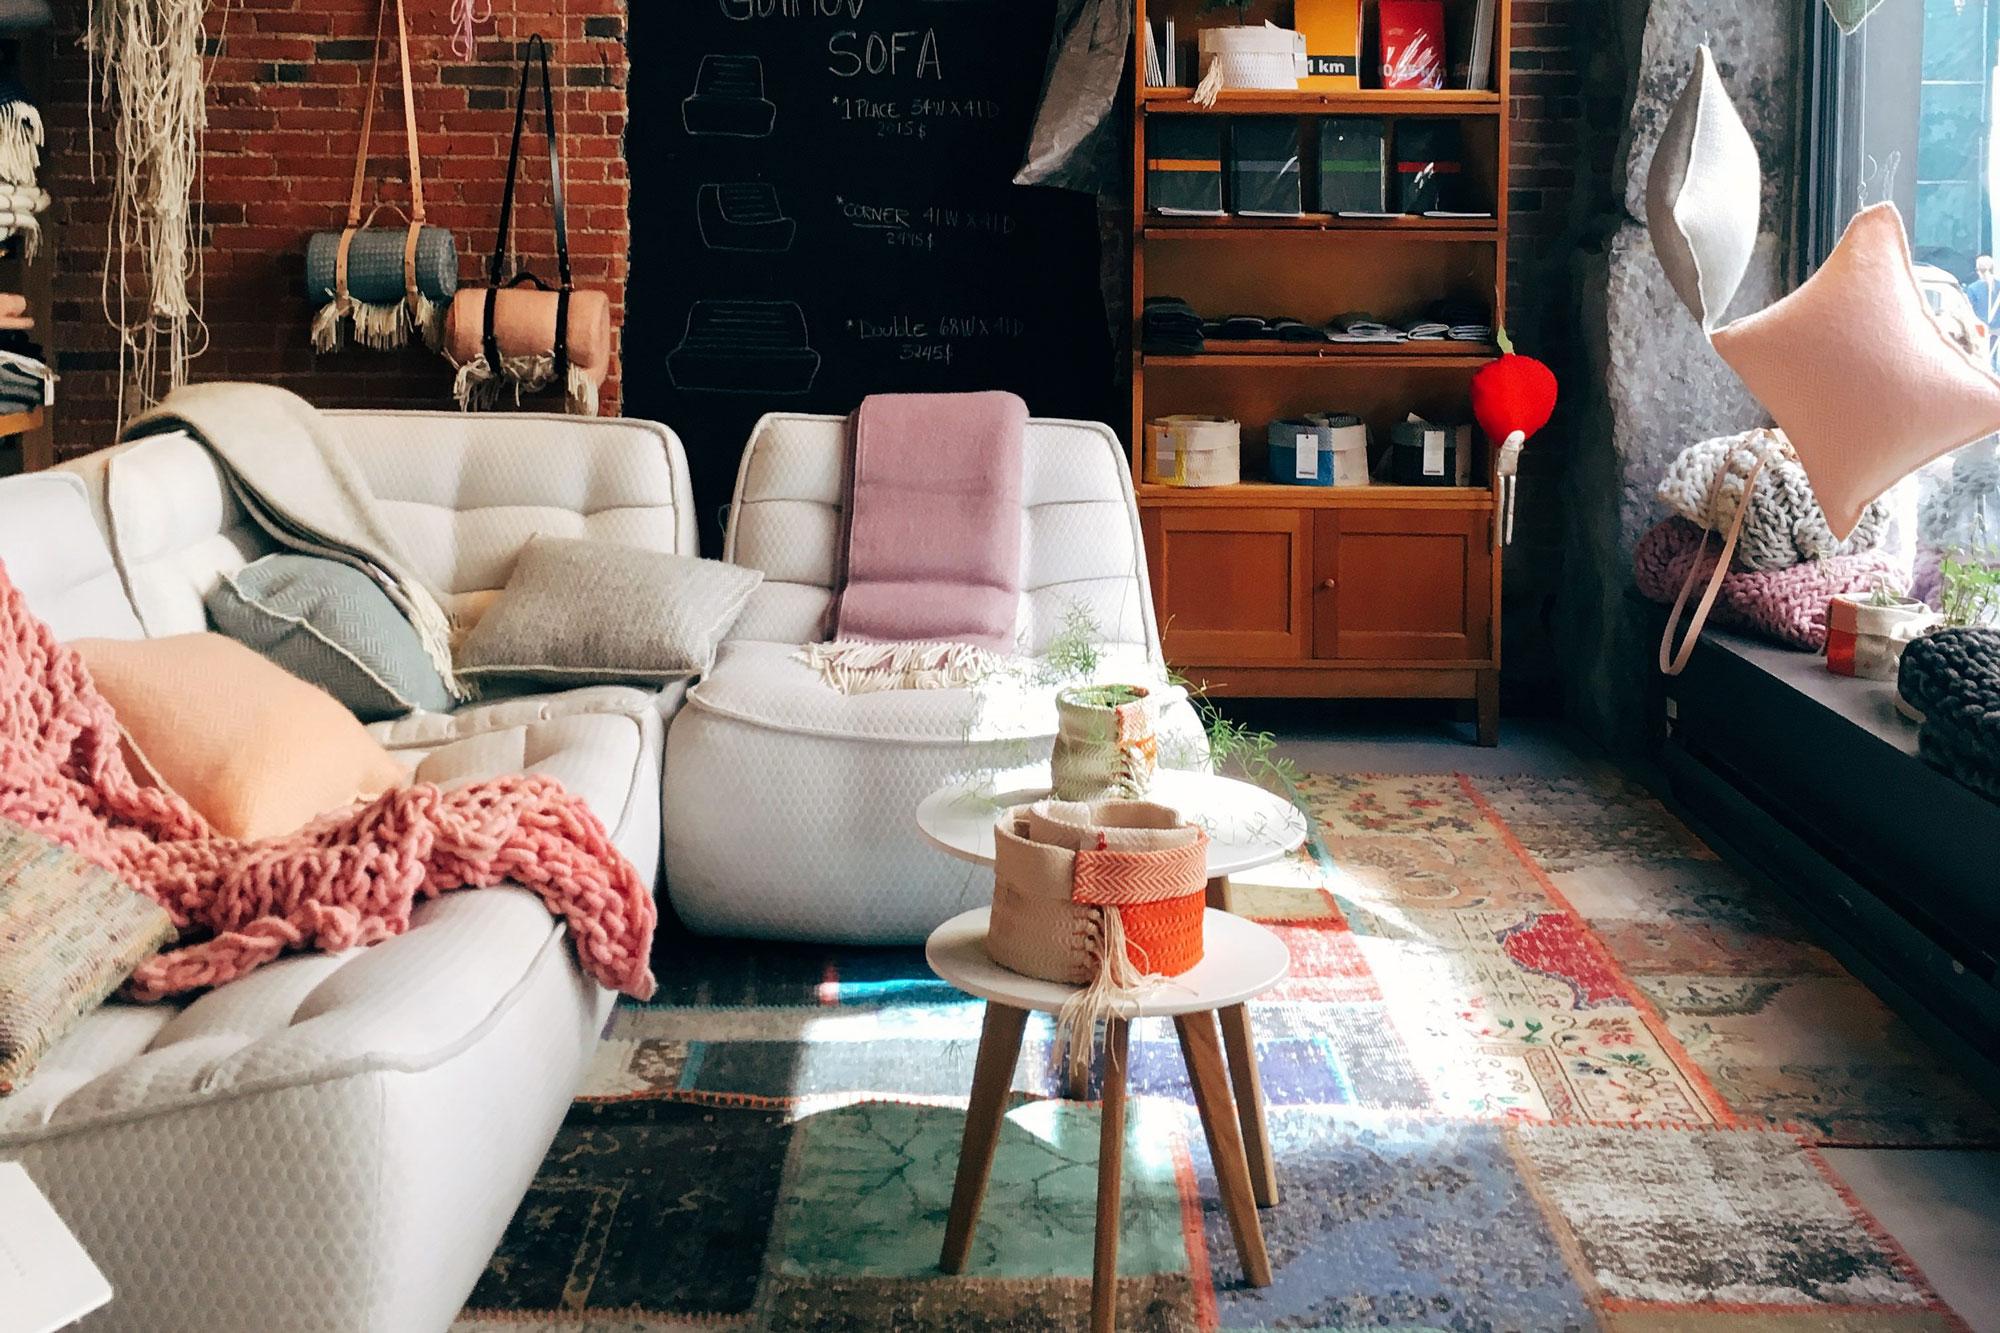 Putovanje kroz vrijeme: Iznajmljivanje apartmana u budućnosti?